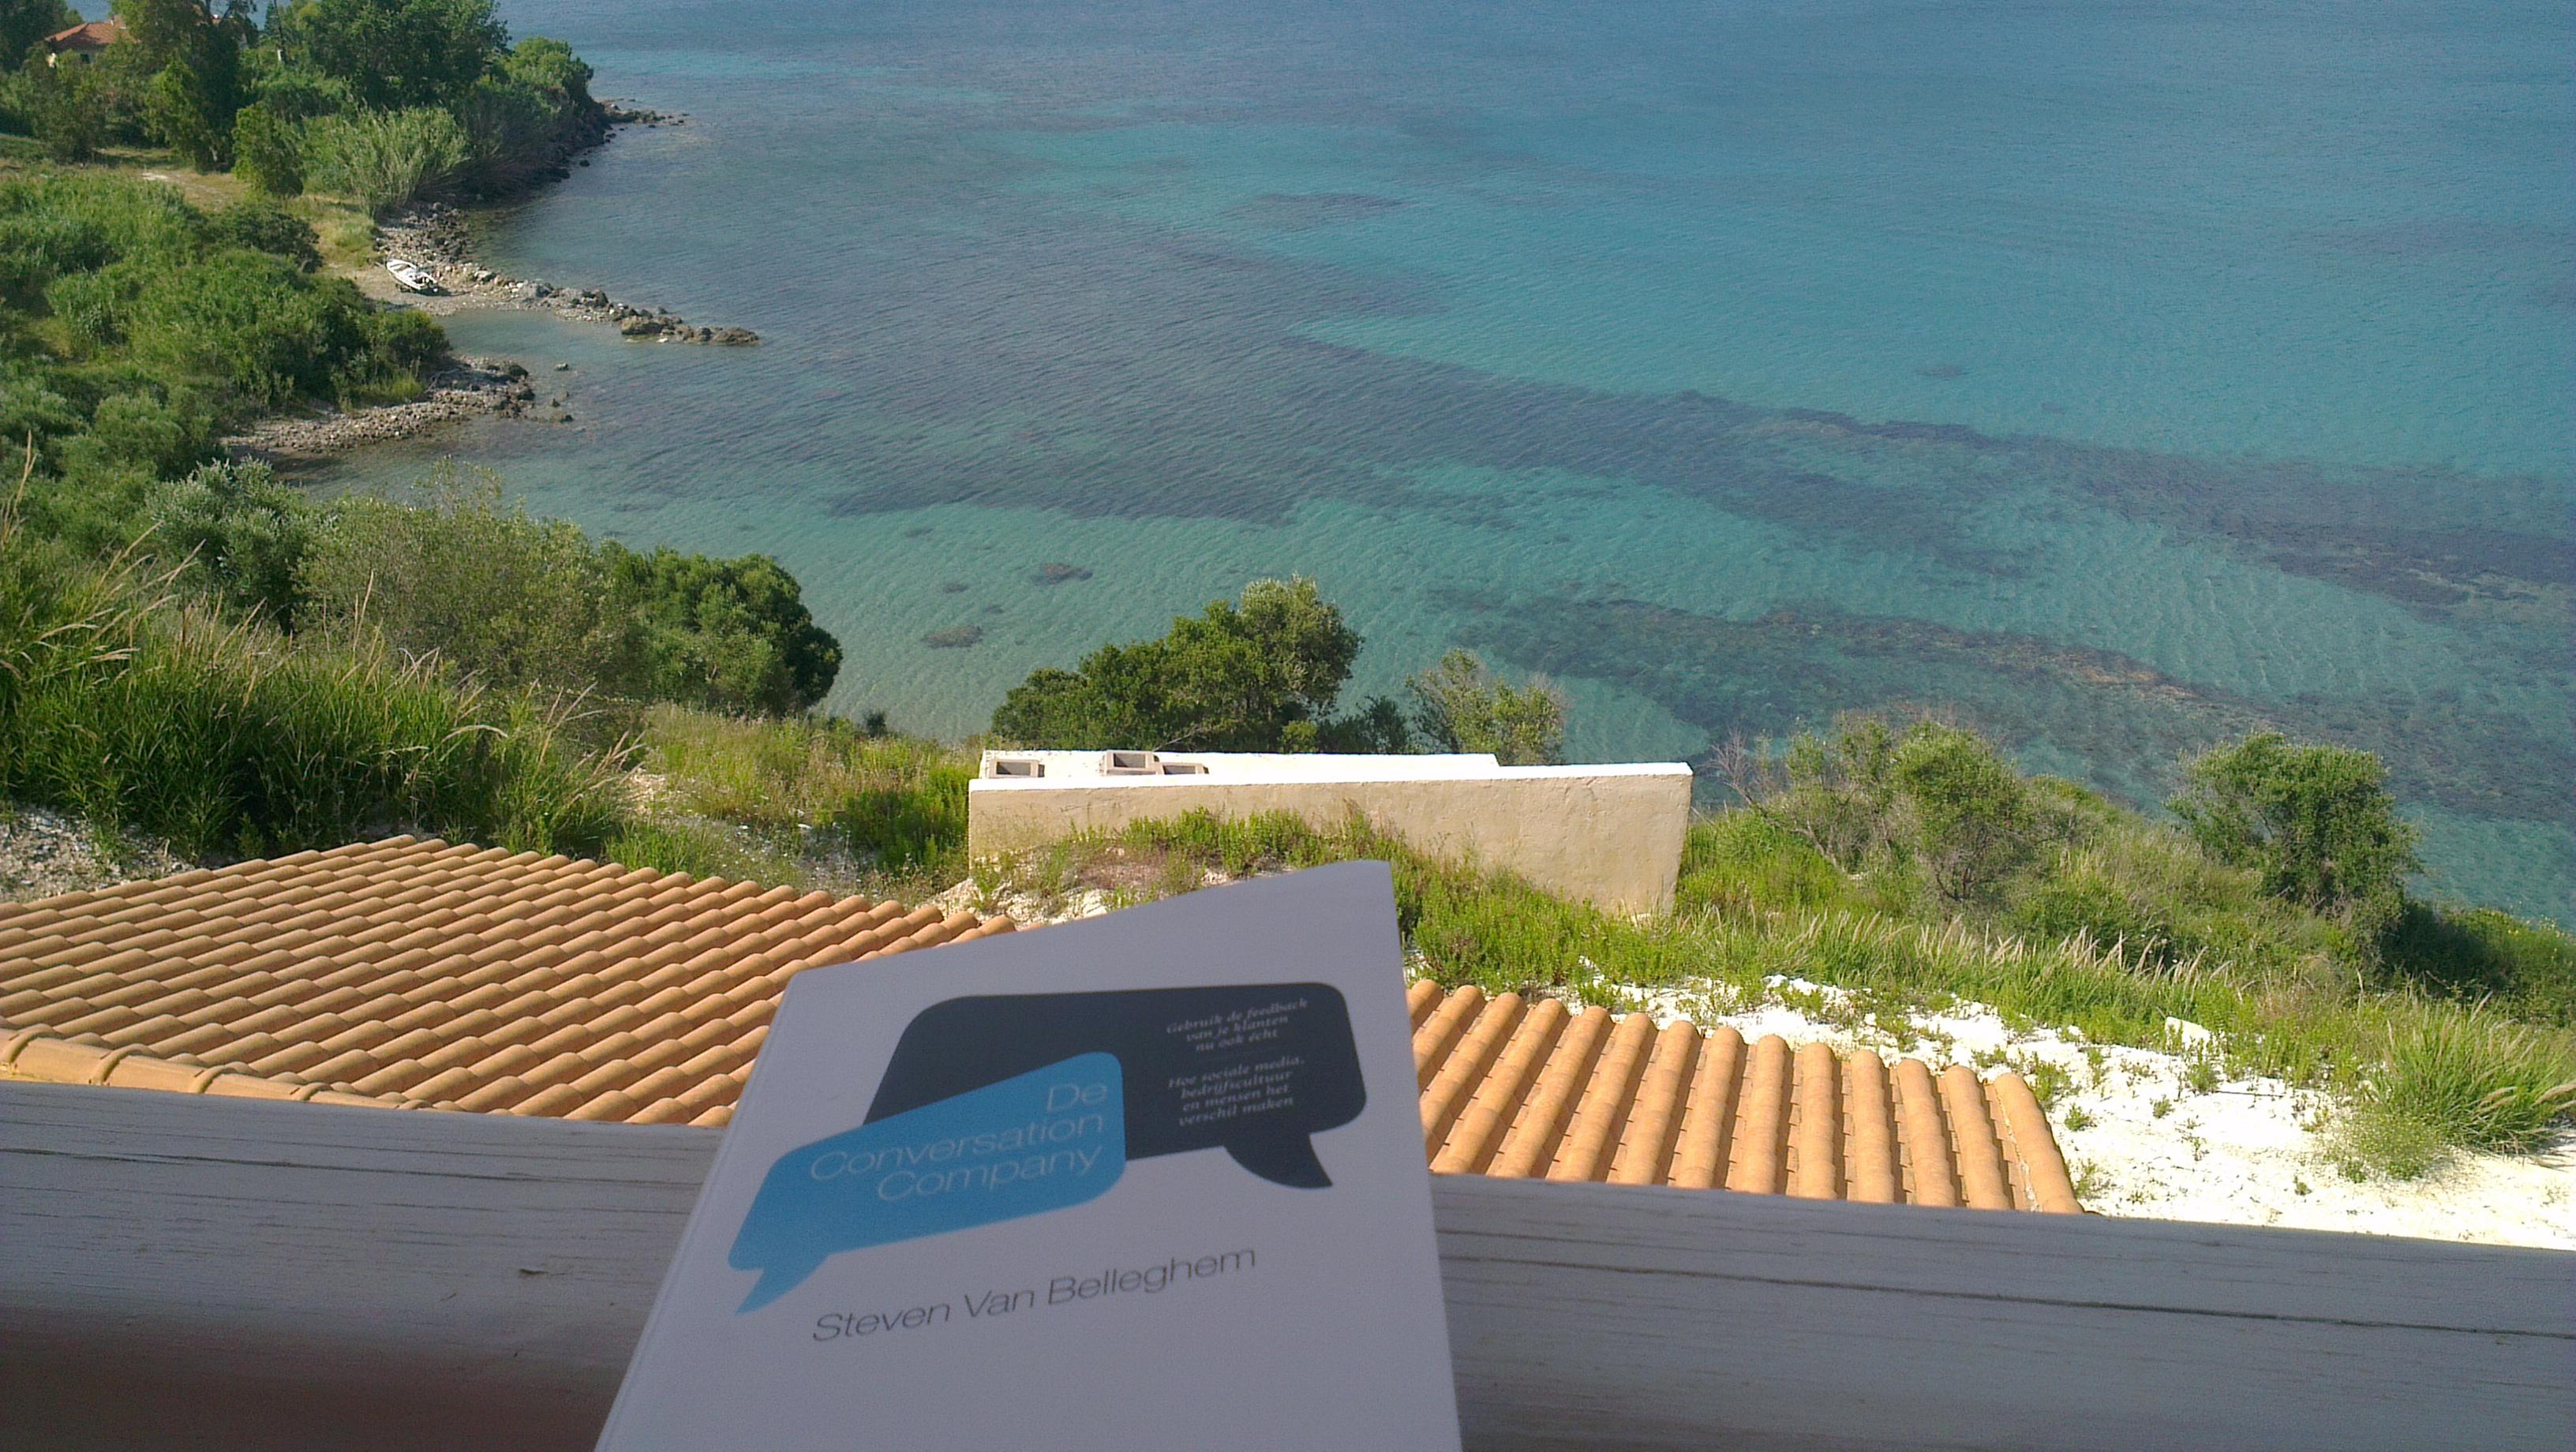 Er zijn slechtere plaatsen dan op een balkonnetje in de zon met uitzicht op zee een goed boek als de Conversation Company van Steven van Belleghem lezen. Het boek zelf […]